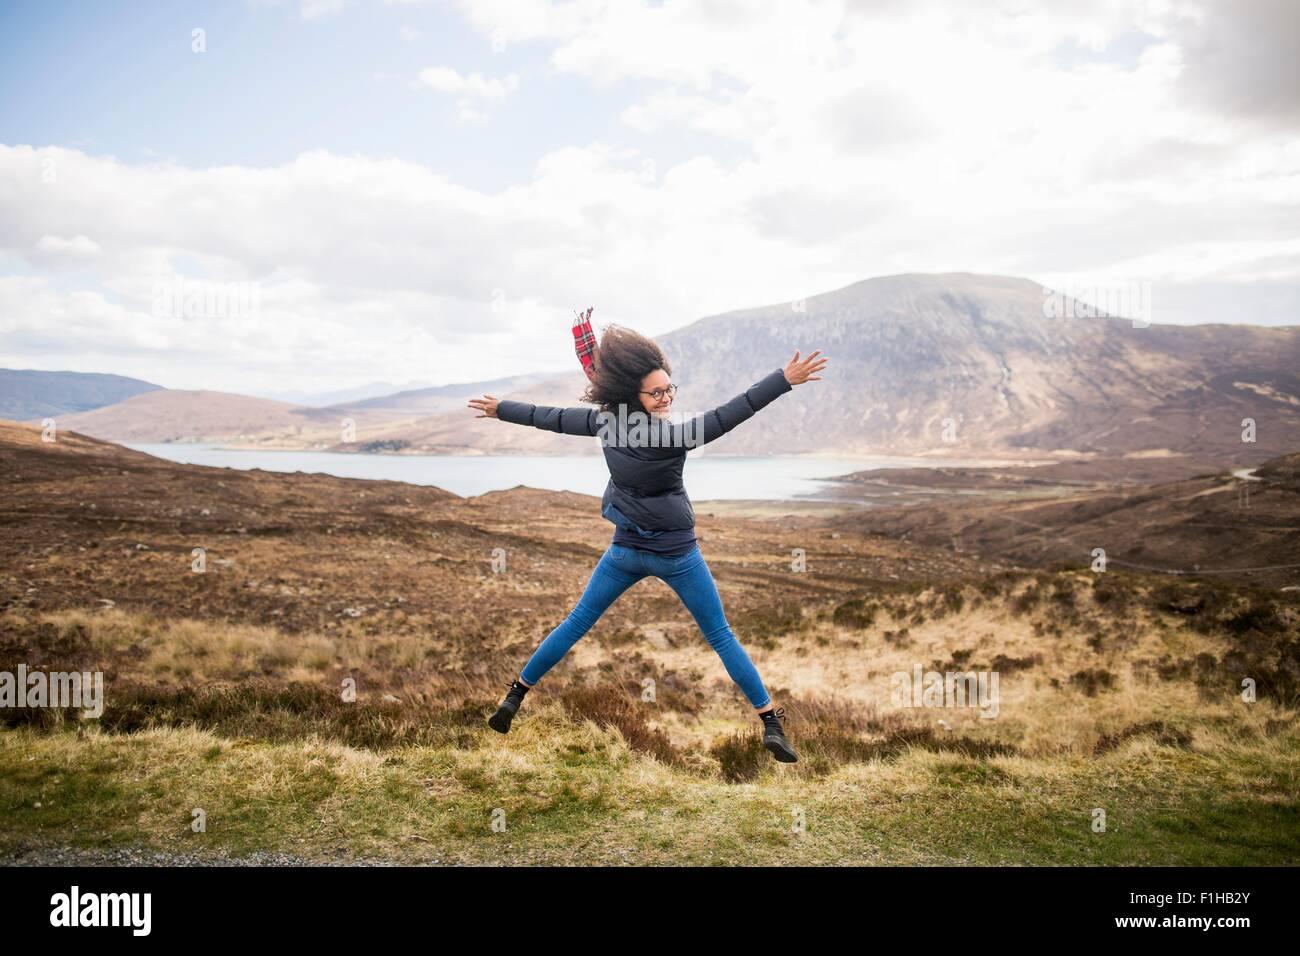 Metà donna adulta in montagna facendo star jump, Isola di Skye, Ebridi, Scozia Immagini Stock